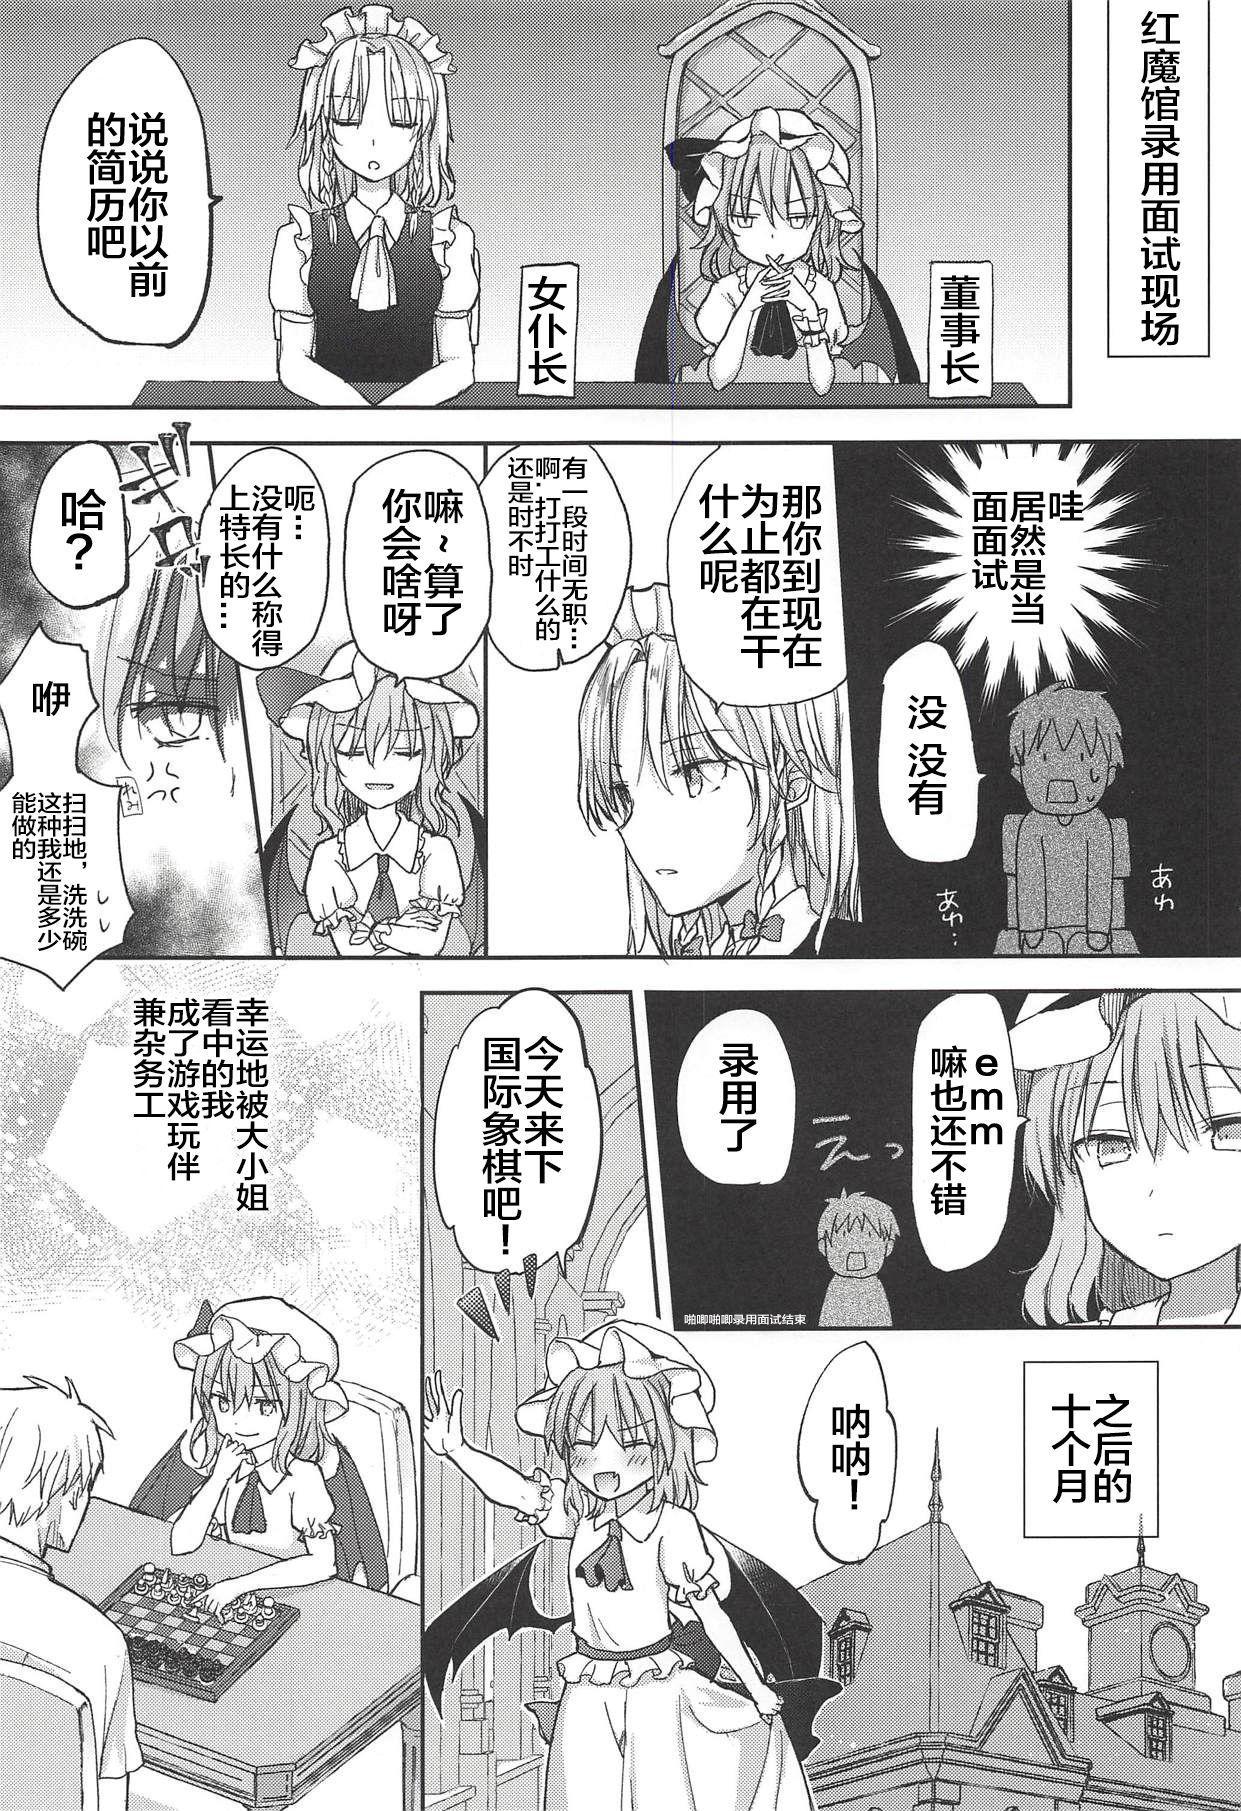 Ojou-sama no Koukando ga MAX na Hon 2